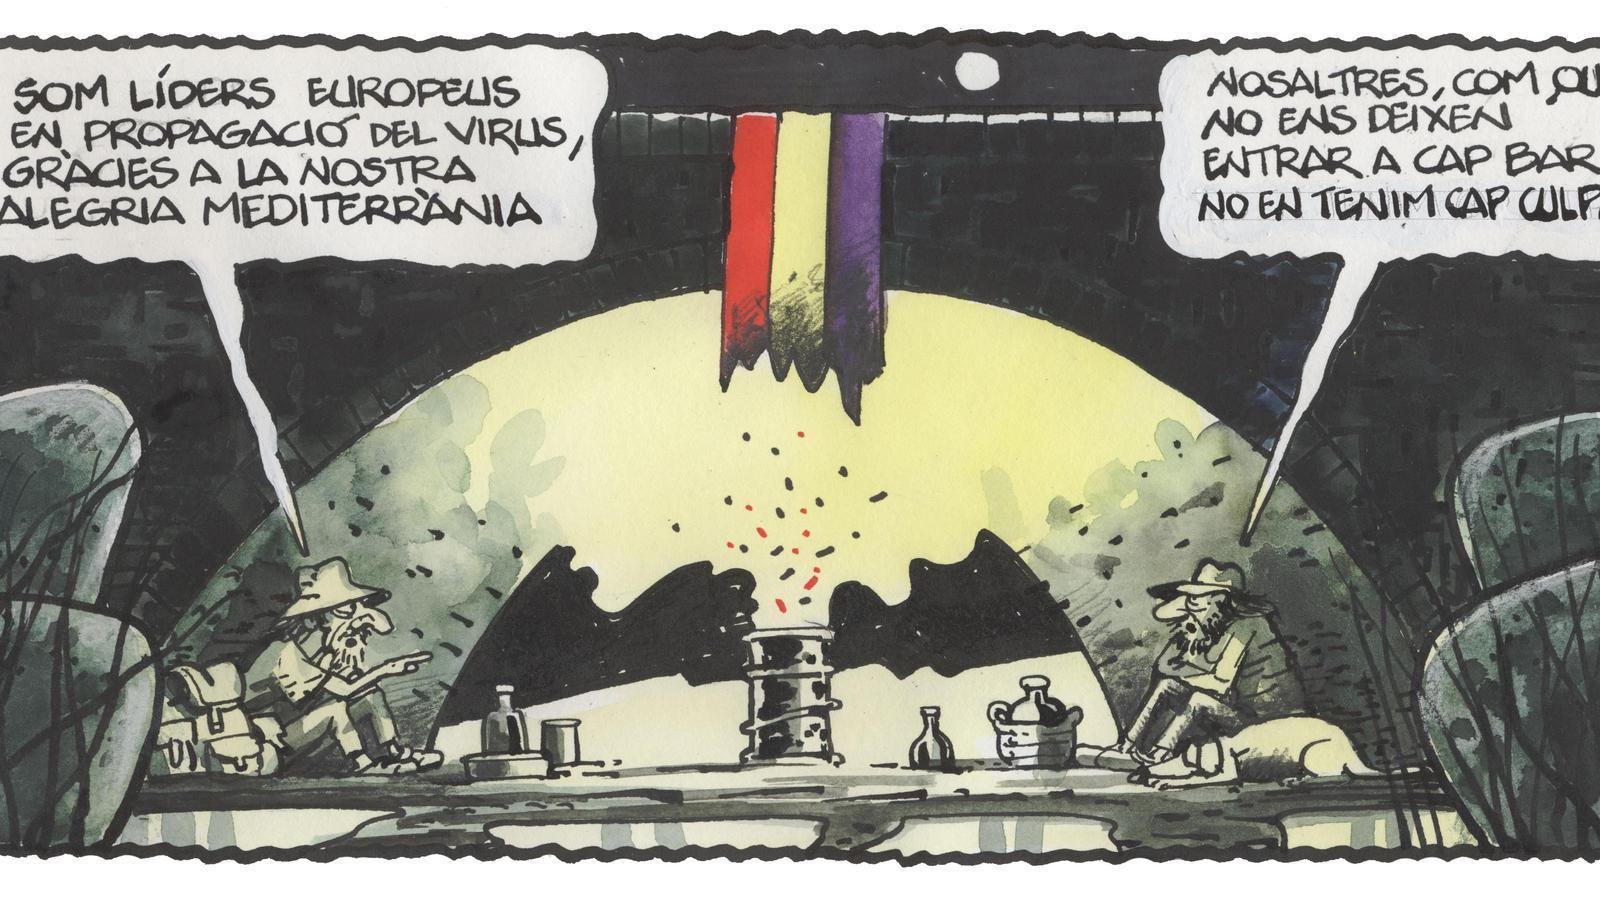 'A la contra', per Ferreres 13/09/2020